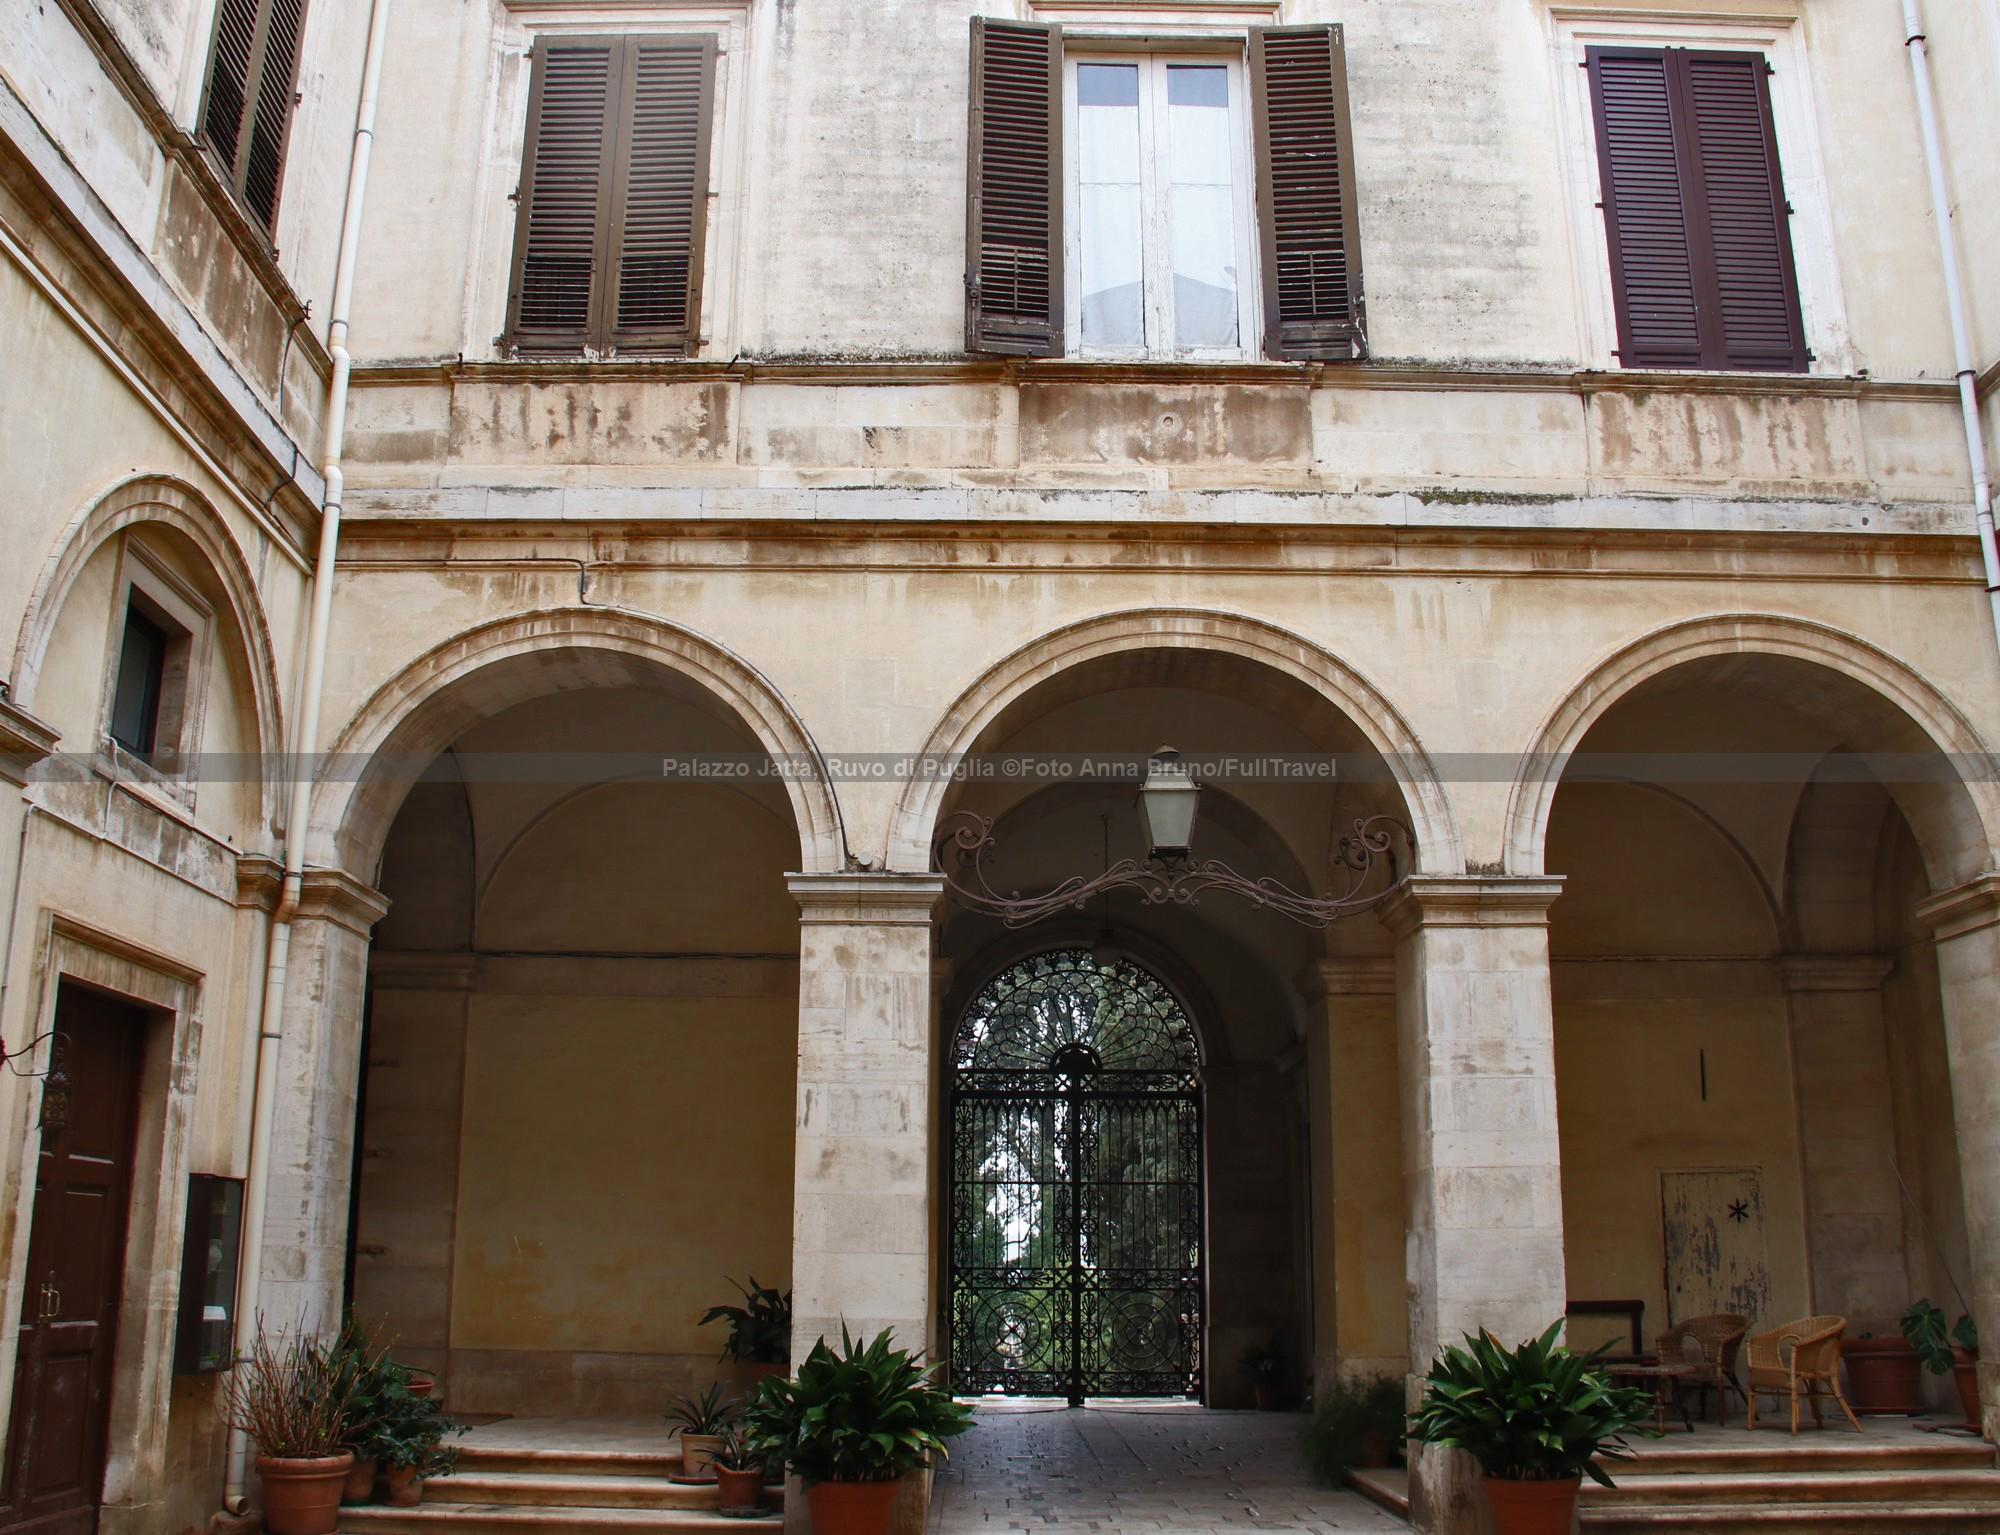 Cosa vedere a Ruvo di Puglia: Palazzo Jatta e annesso museo archeologico